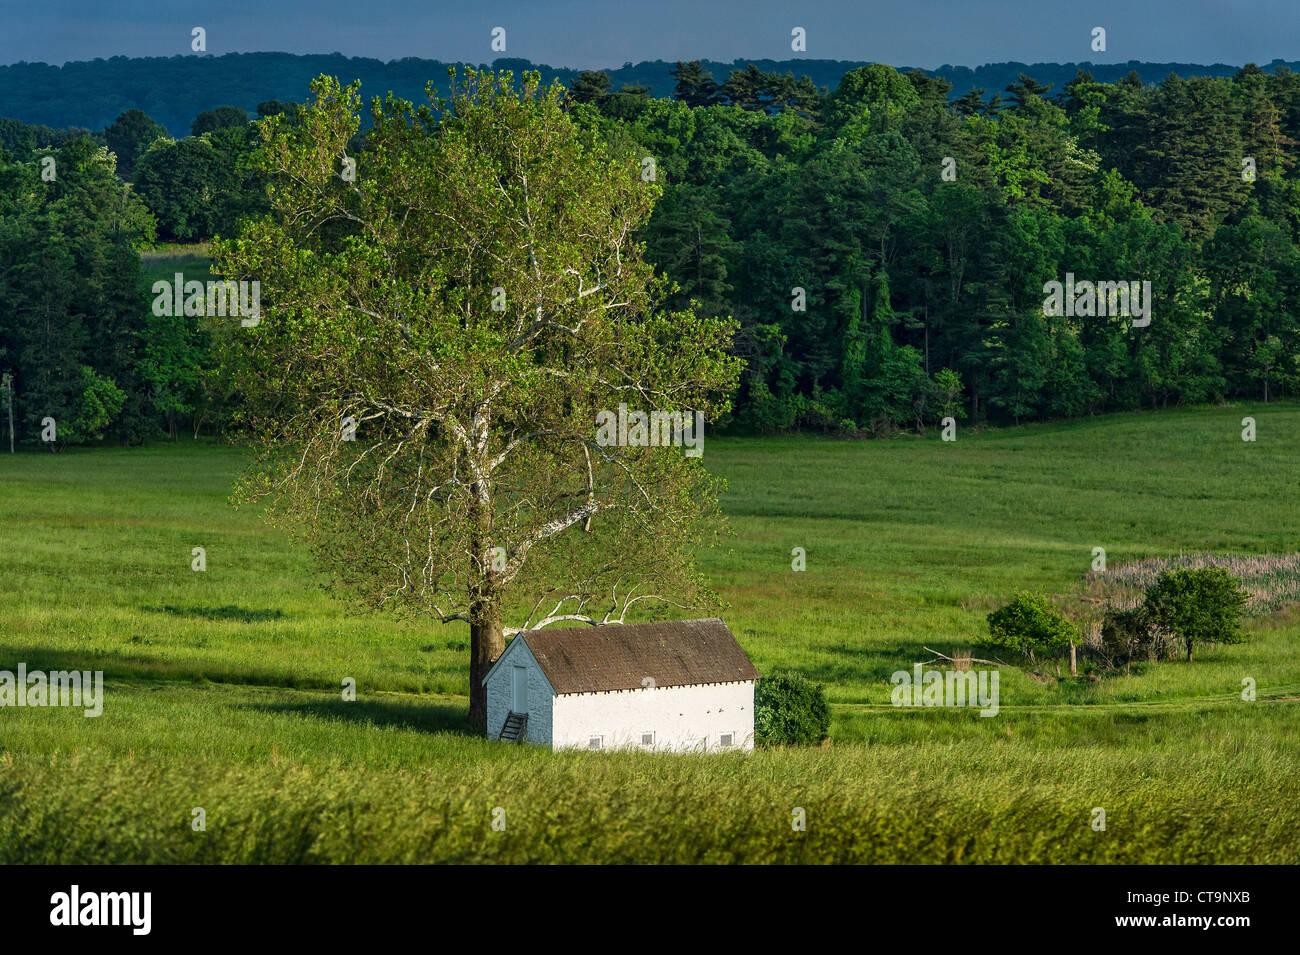 Molla rurale casa nel lussureggiante paesaggio pastorale, Chester County, Pennsylvania, STATI UNITI D'AMERICA Immagini Stock